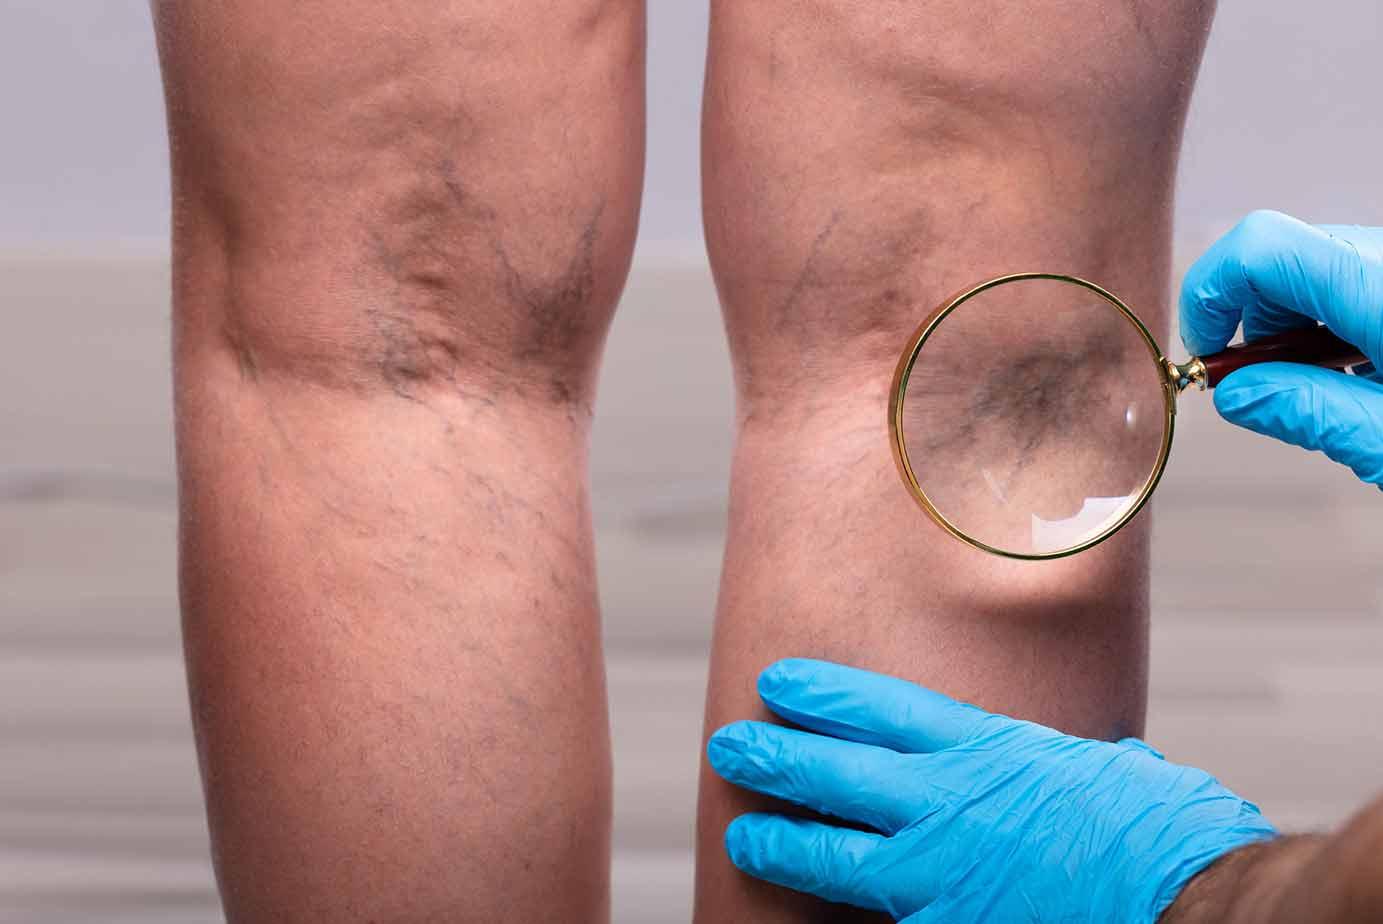 Tratamiento Arañas vasculares